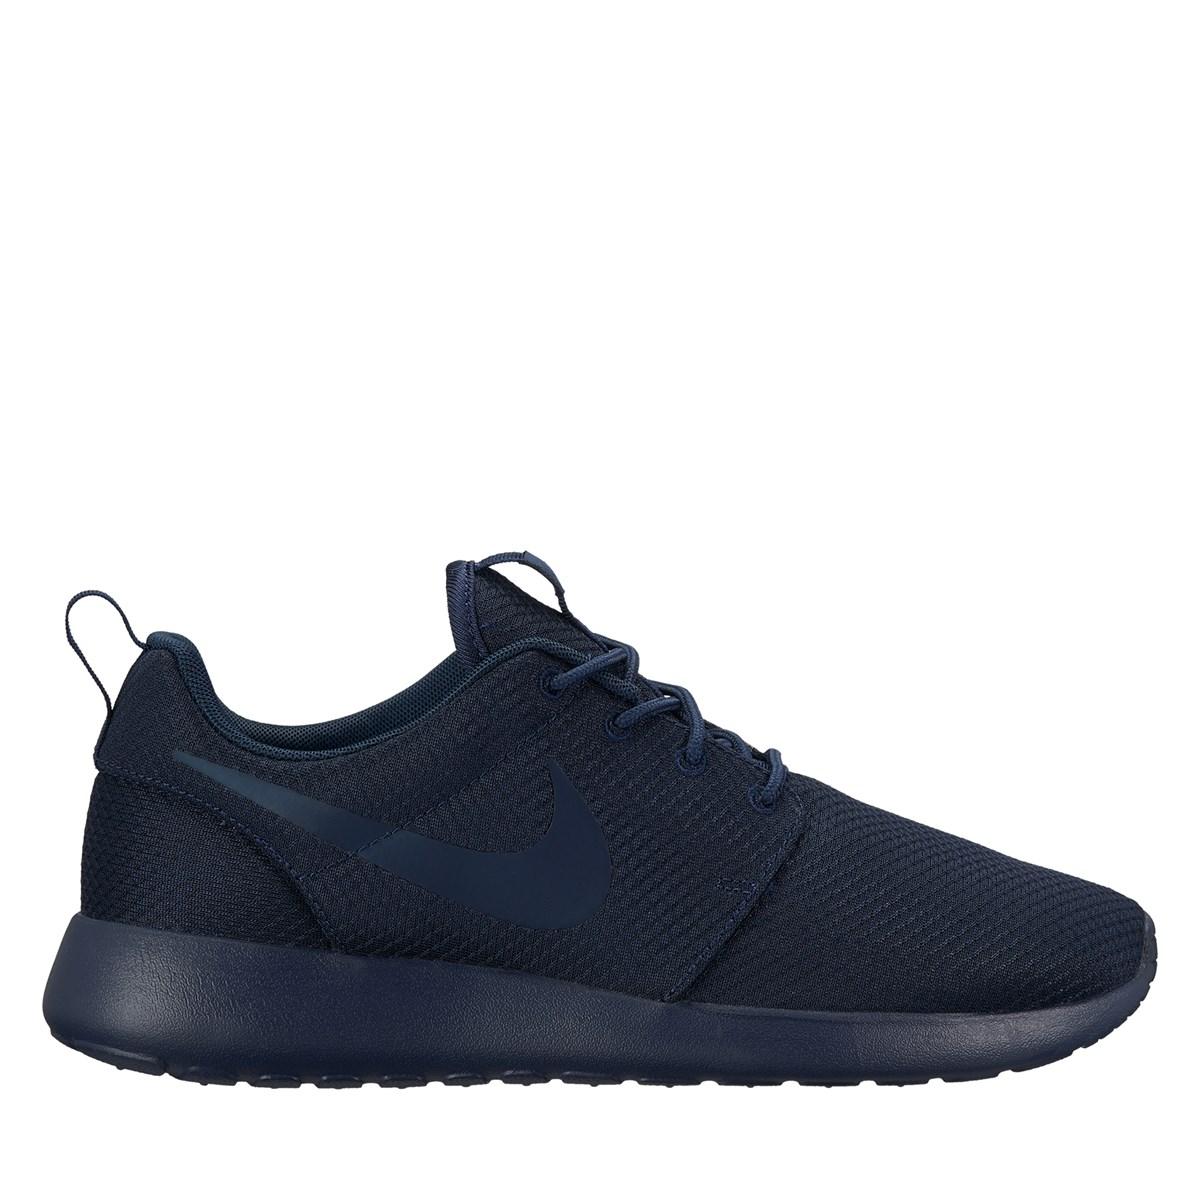 12463c41c181 Men s Roshe One Navy Sneaker